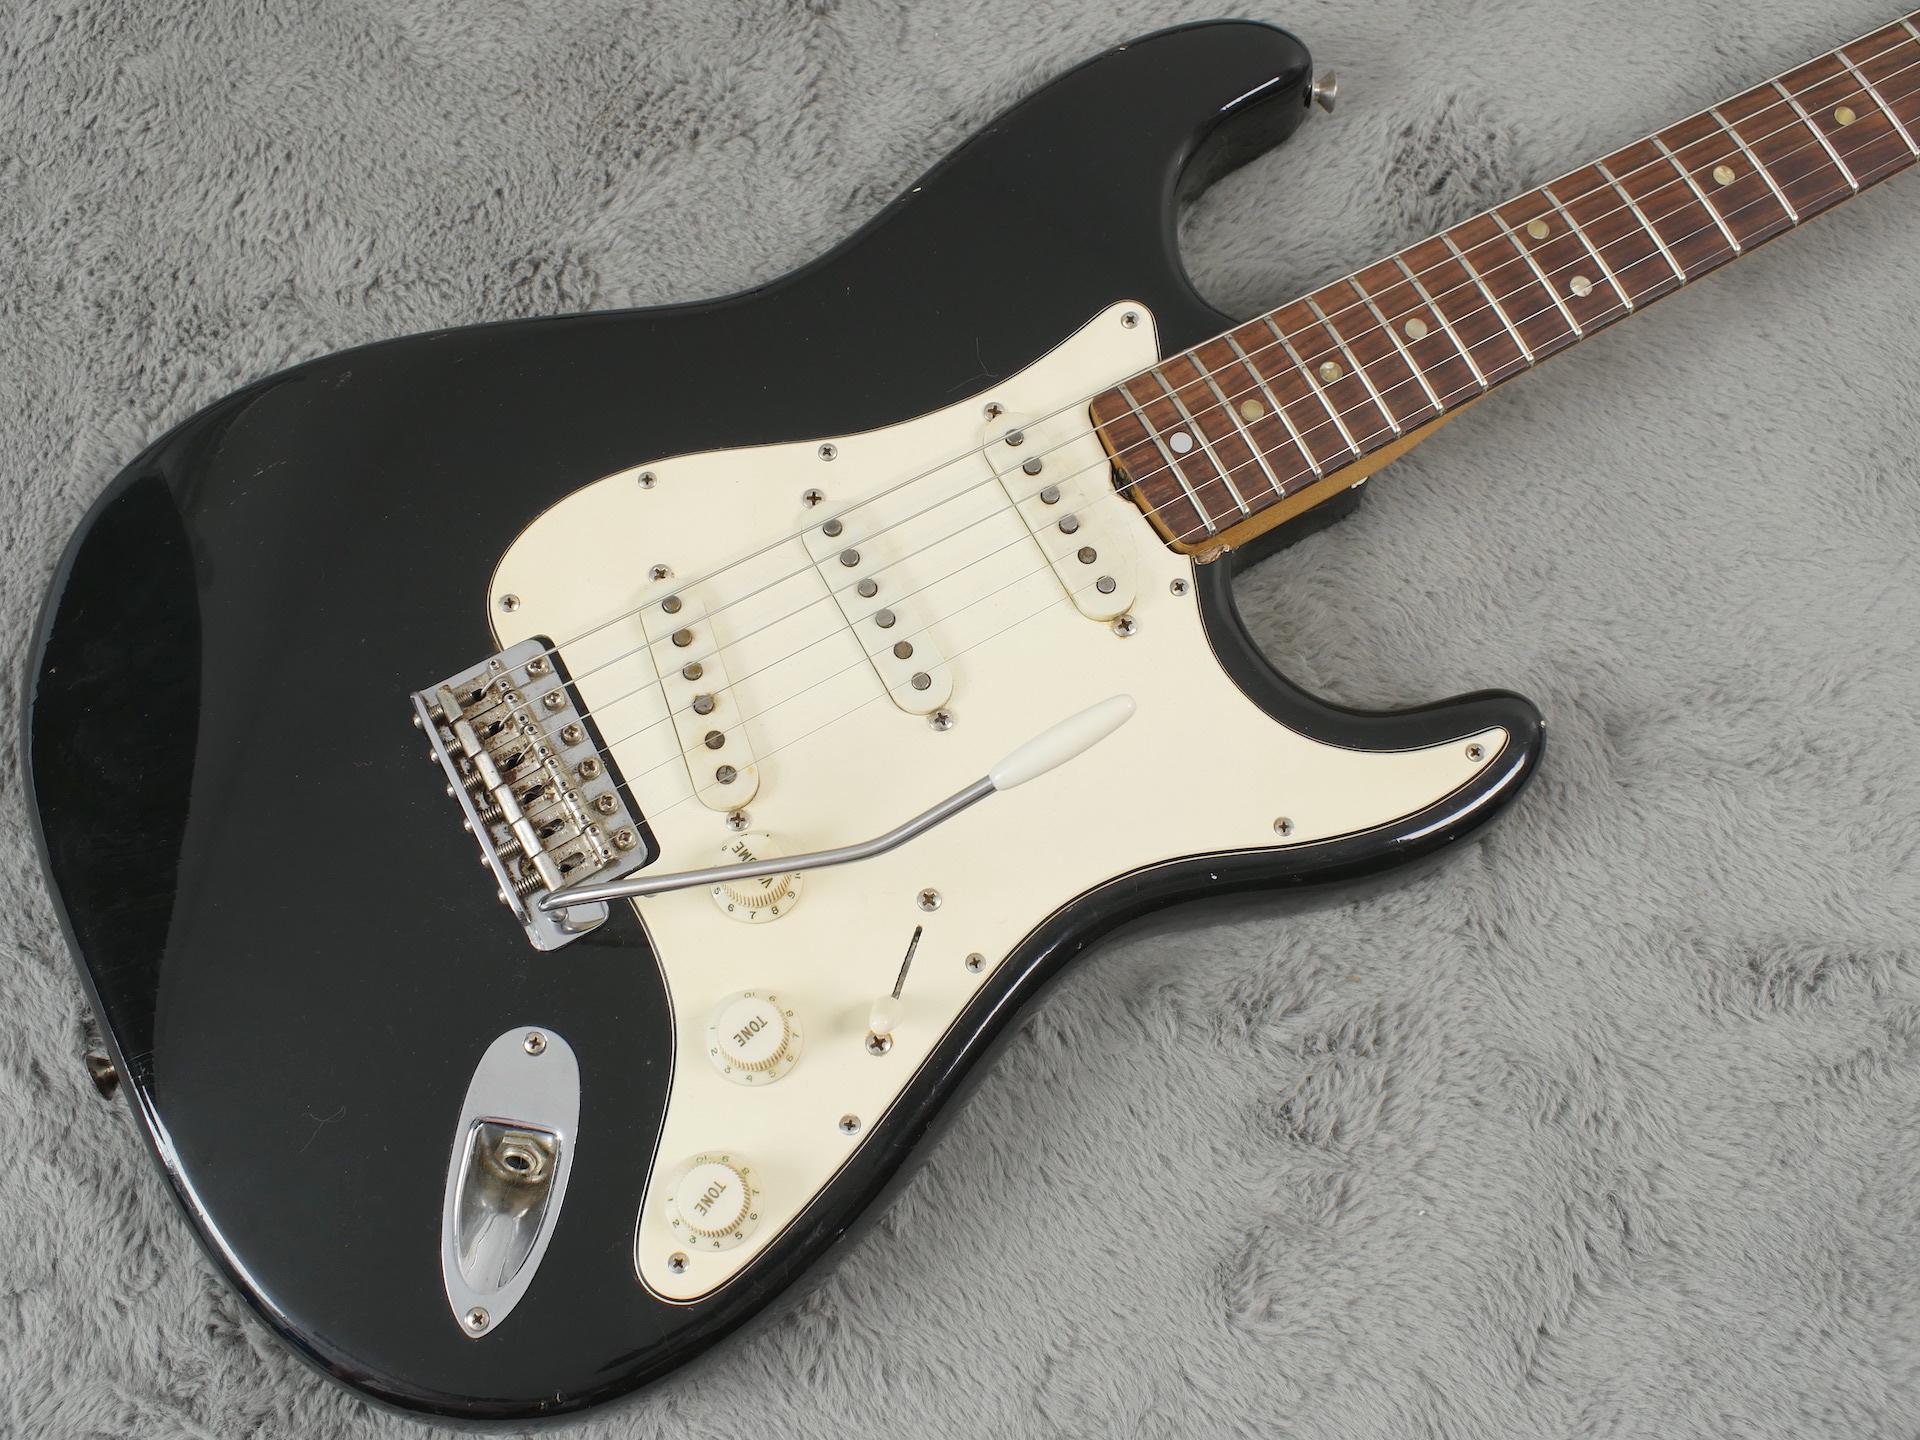 1969 Fender Stratocaster - Black + OHSC